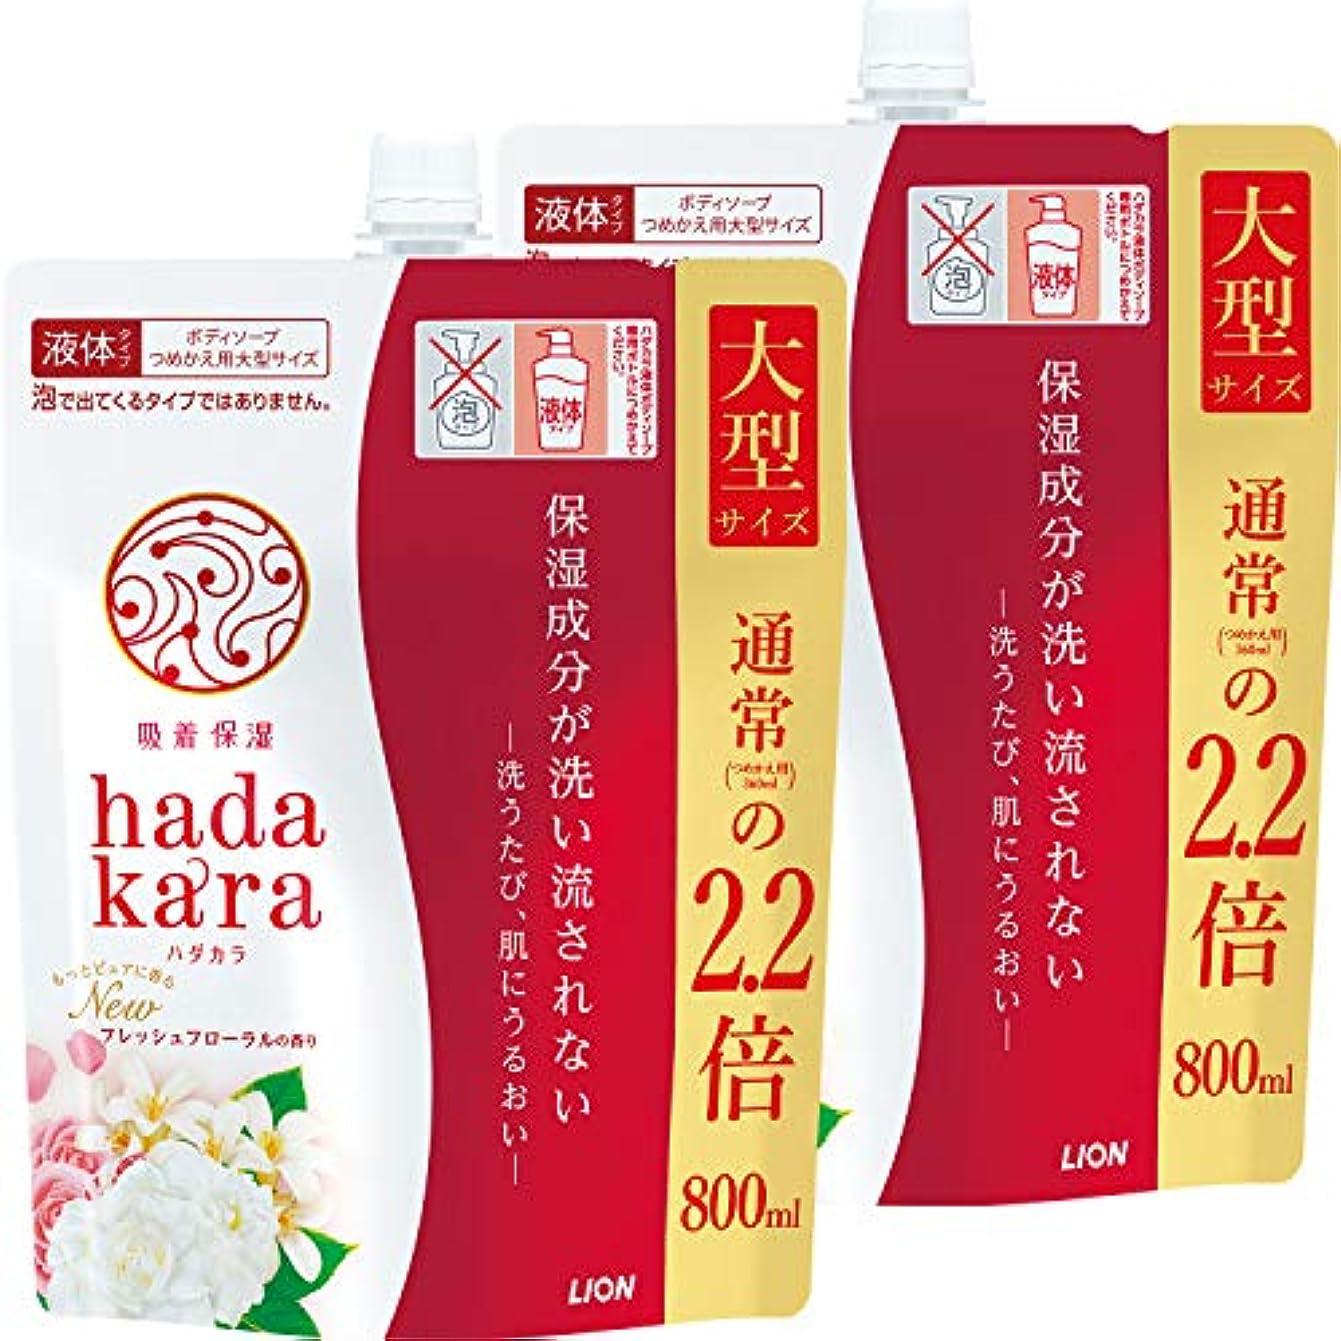 慎重オプション思い出hadakara(ハダカラ) ボディソープ フレッシュフローラルの香り つめかえ用大型サイズ 800ml×2個